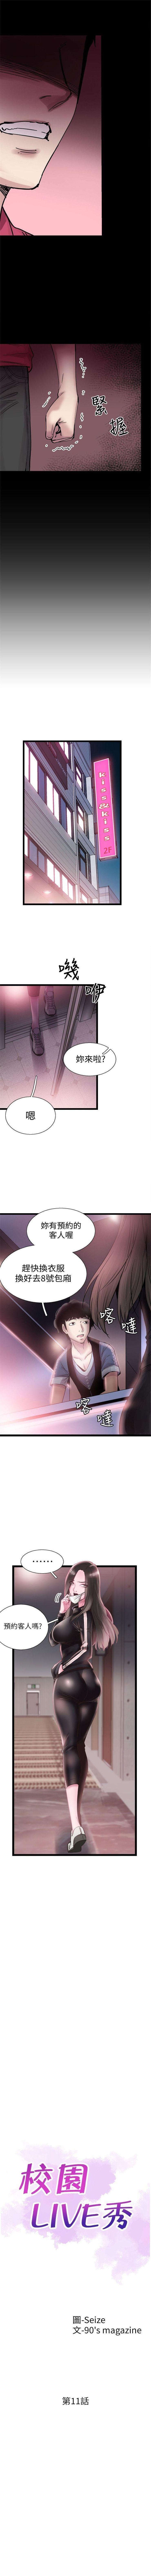 (週7)校園live秀 1-50 中文翻譯(更新中) 78